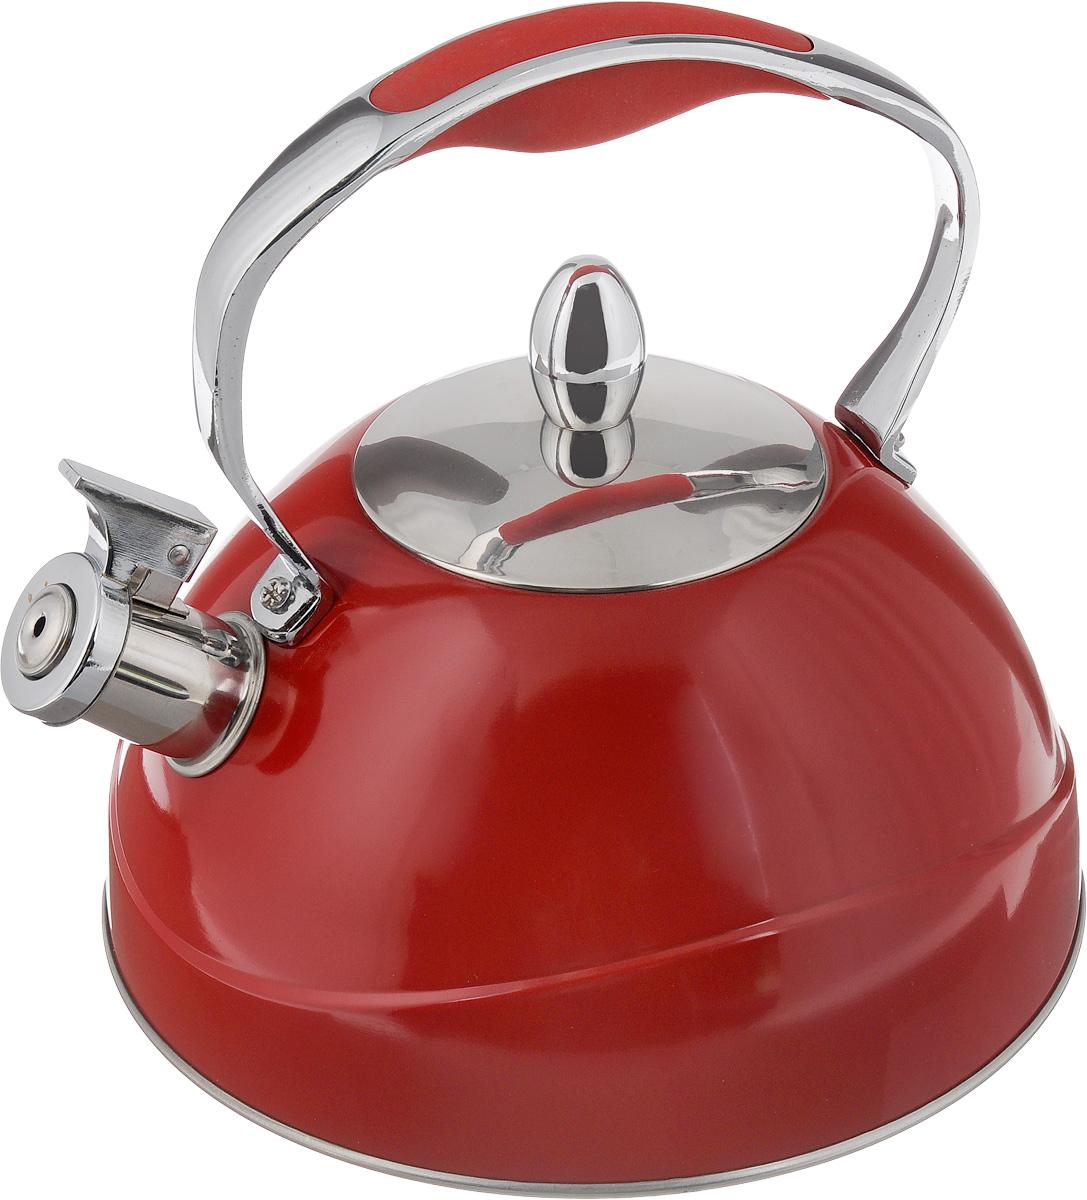 Чайник Mayer & Boch, со свистком, цвет: красный, 2,6 л22416_красныйЧайник Mayer & Boch выполнен из высококачественной нержавеющей стали с матовым покрытием, что делает его гигиеничным и устойчивым к износу при длительном использовании. Нержавеющая сталь не окисляется и не впитывает запахи, напитки всегда ароматные и имеют настоящий вкус. Капсулированное дно с прослойкой из алюминия обеспечивает наилучшее распределение тепла. Носик чайника оснащен насадкой-свистком, что позволит вам контролировать процесс подогрева или кипячения воды. Фиксированная ручка изготовлена из стали с силиконовым покрытием. Поверхность чайника гладкая, что облегчает уход. Эстетичный и функциональный, с эксклюзивным дизайном, такой чайник будет оригинально смотреться в любом интерьере. Подходит для электрических, газовых, стеклокерамических и галогеновых плит. Не подходит для индукционных плит. Можно мыть в посудомоечной машине. Высота чайника (без учета ручки и крышки): 11 см. Высота чайника (с учетом ручки и крышки): 22,5 см. Диаметр...